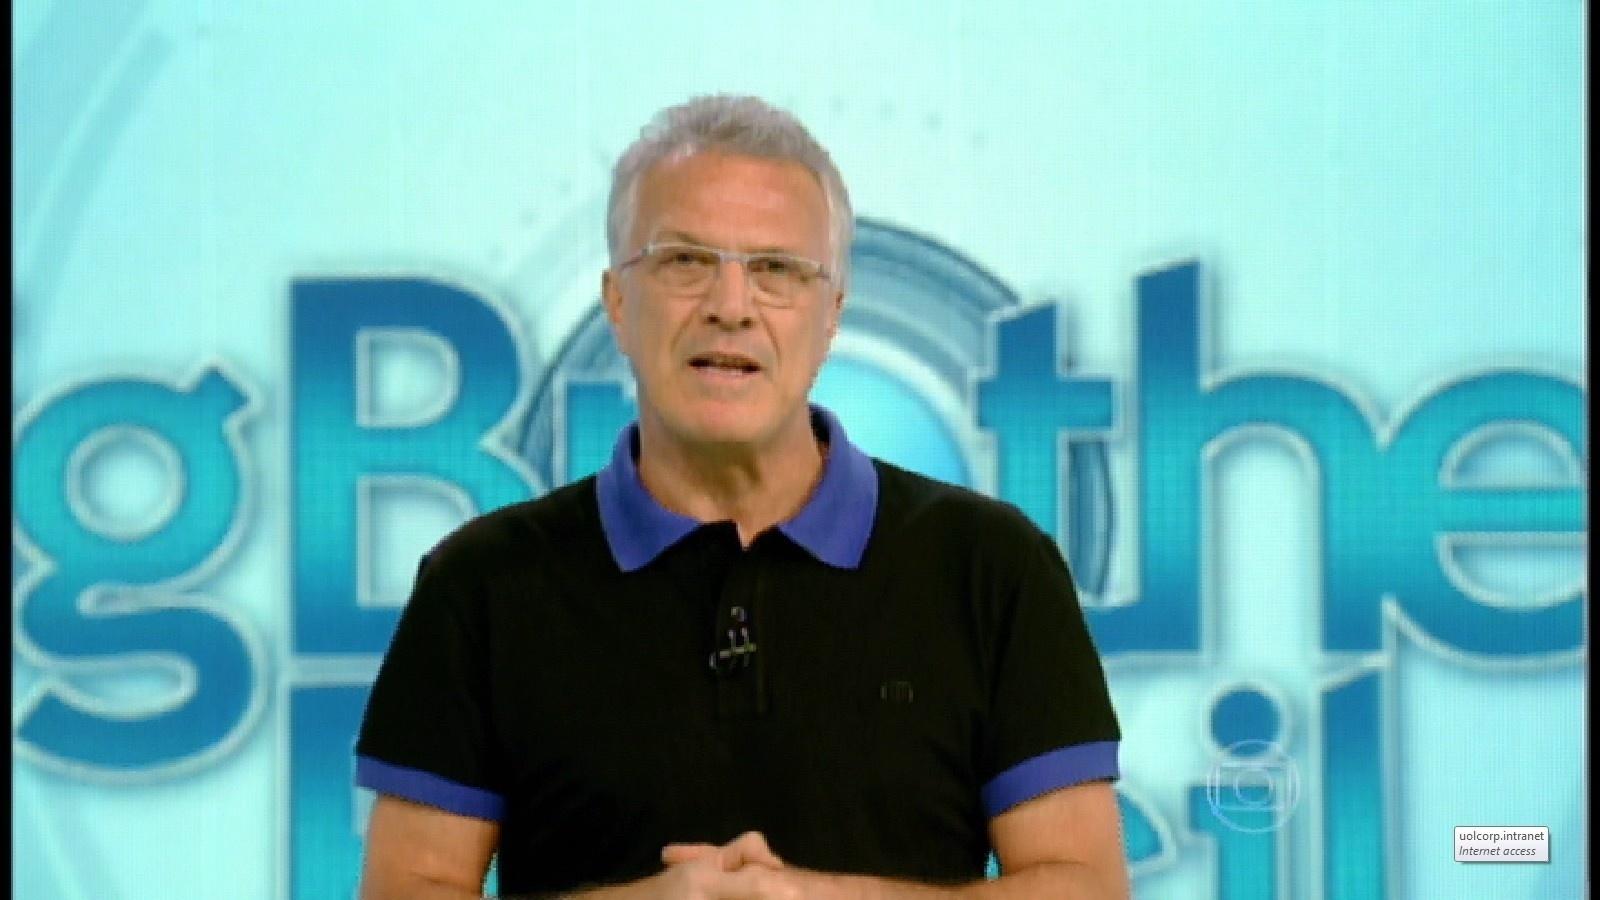 5.mar.2015 - Pedro Bial anuncia você no controle: público pode decidir se quer que o líder vote antes ou depois da casa